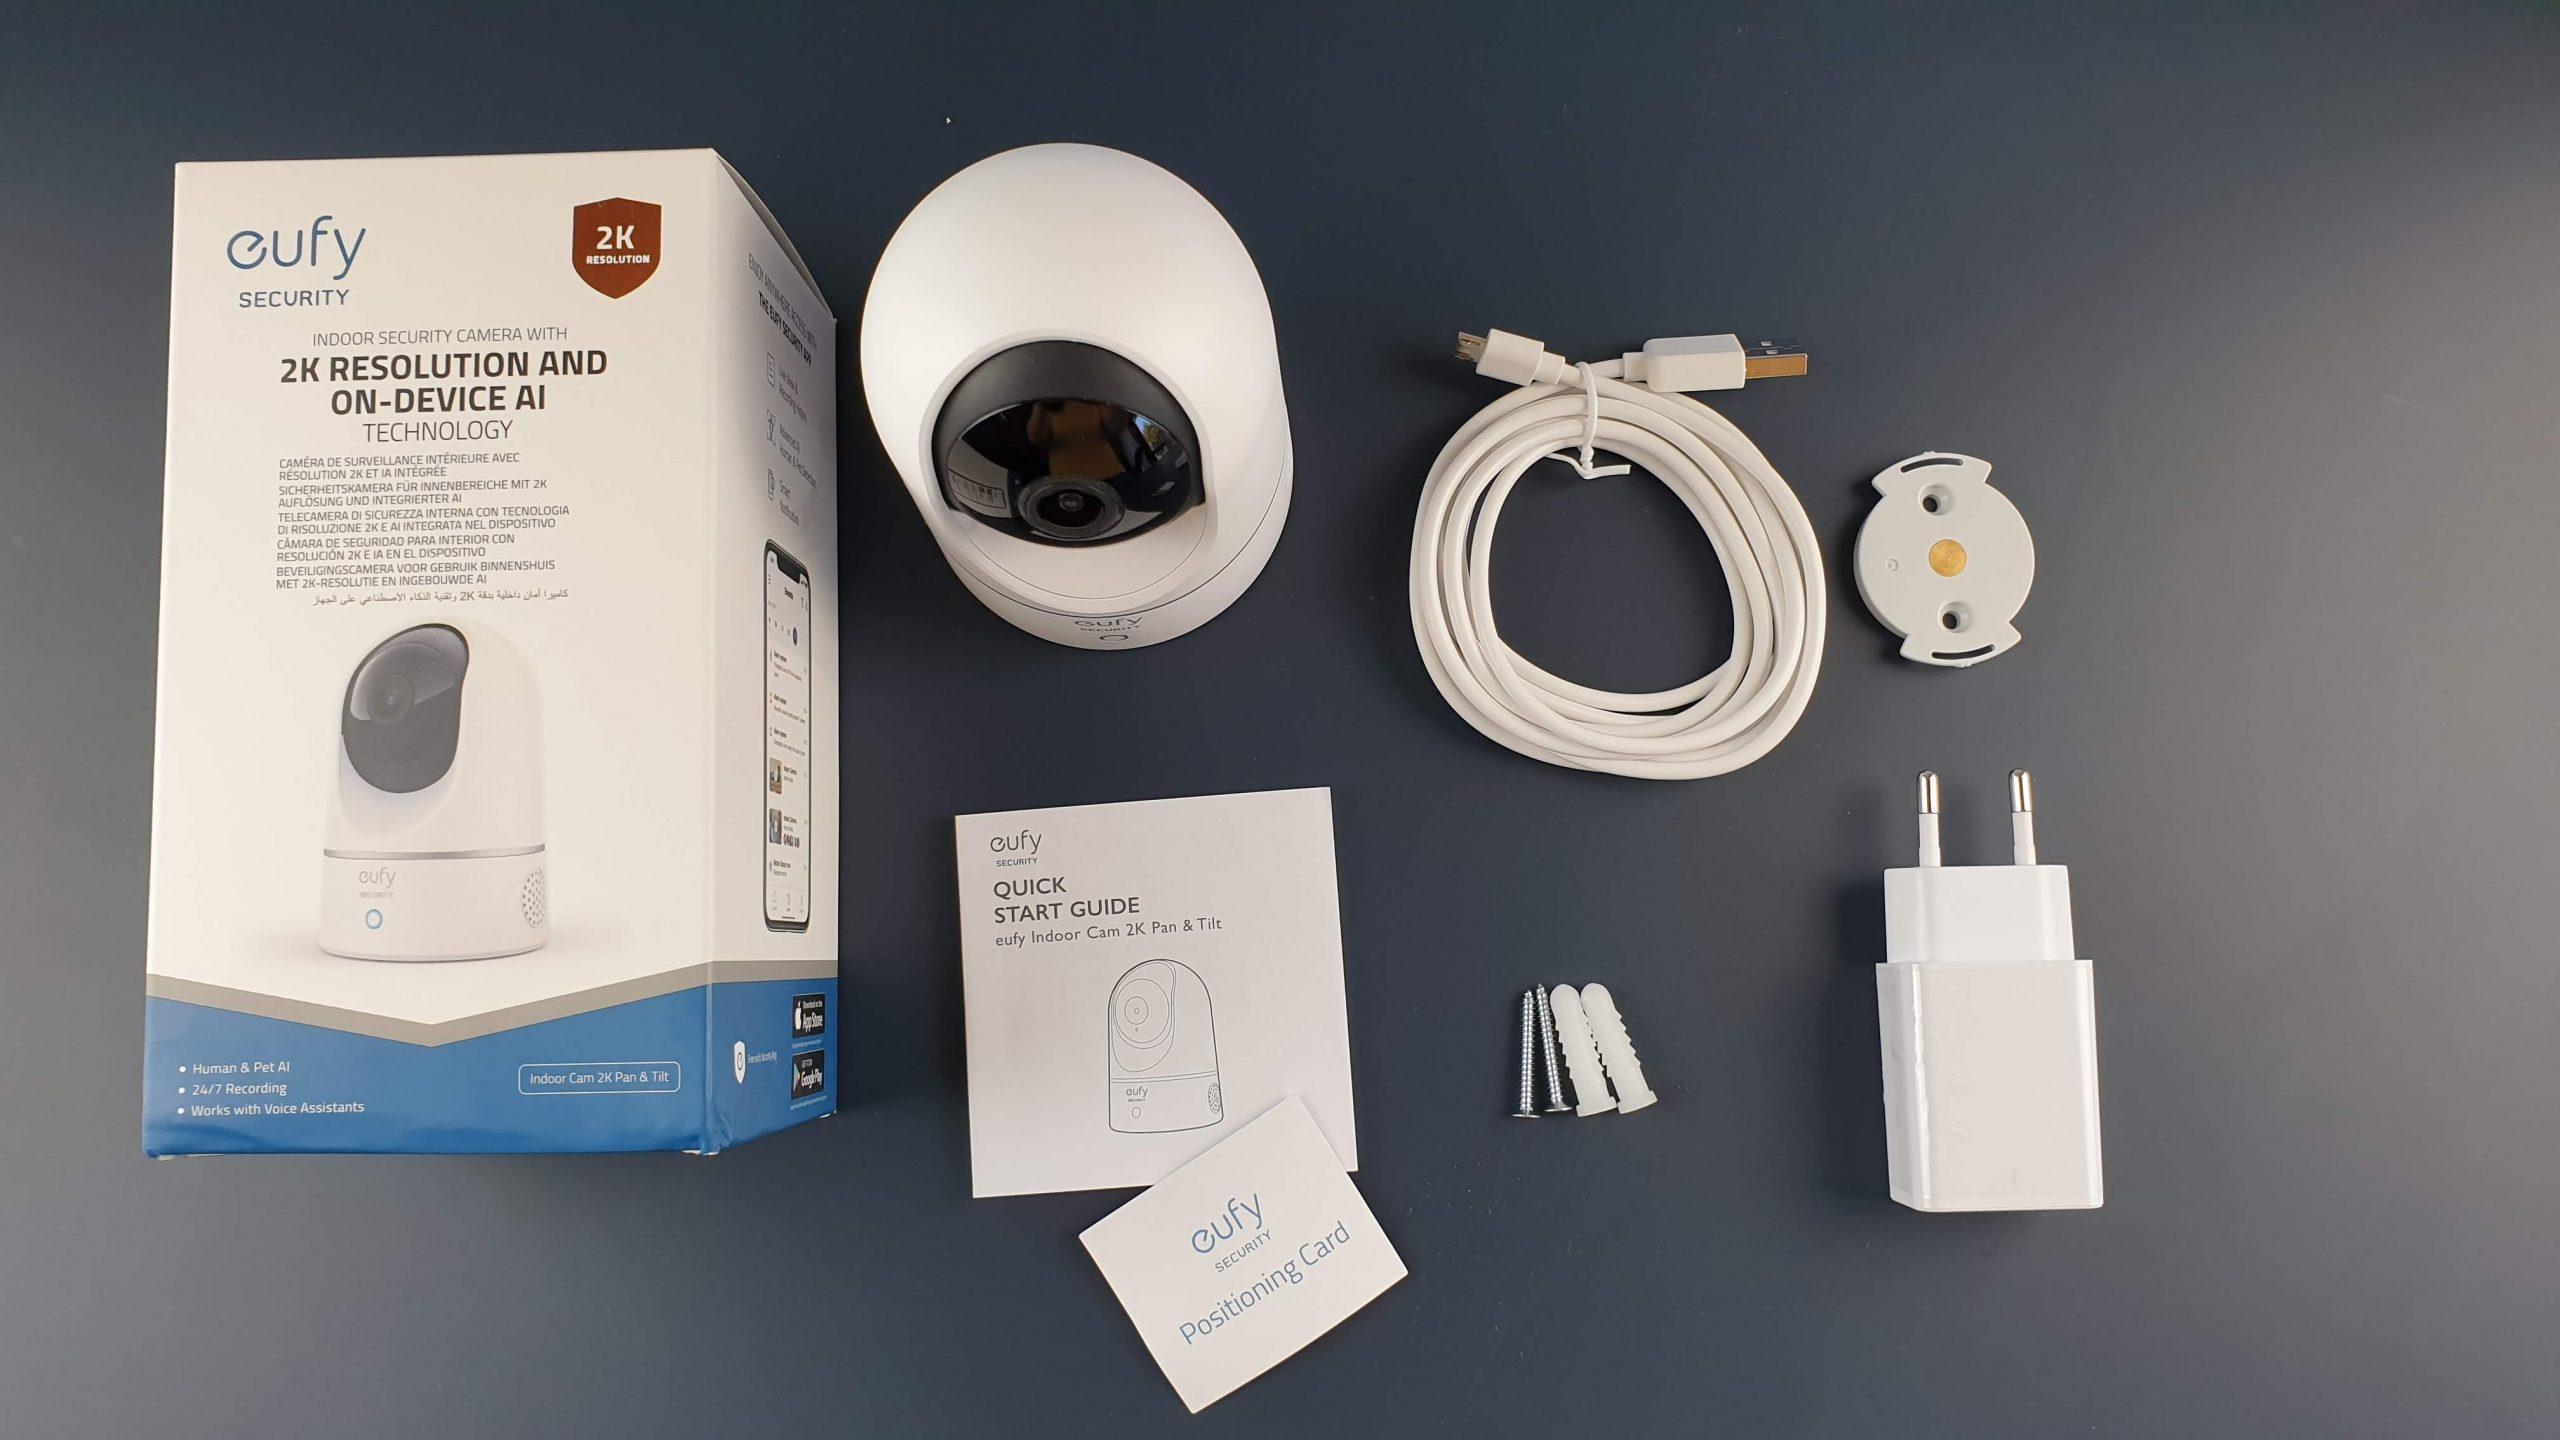 eufy Security 2K telecamera WiFi - contenuto confezione